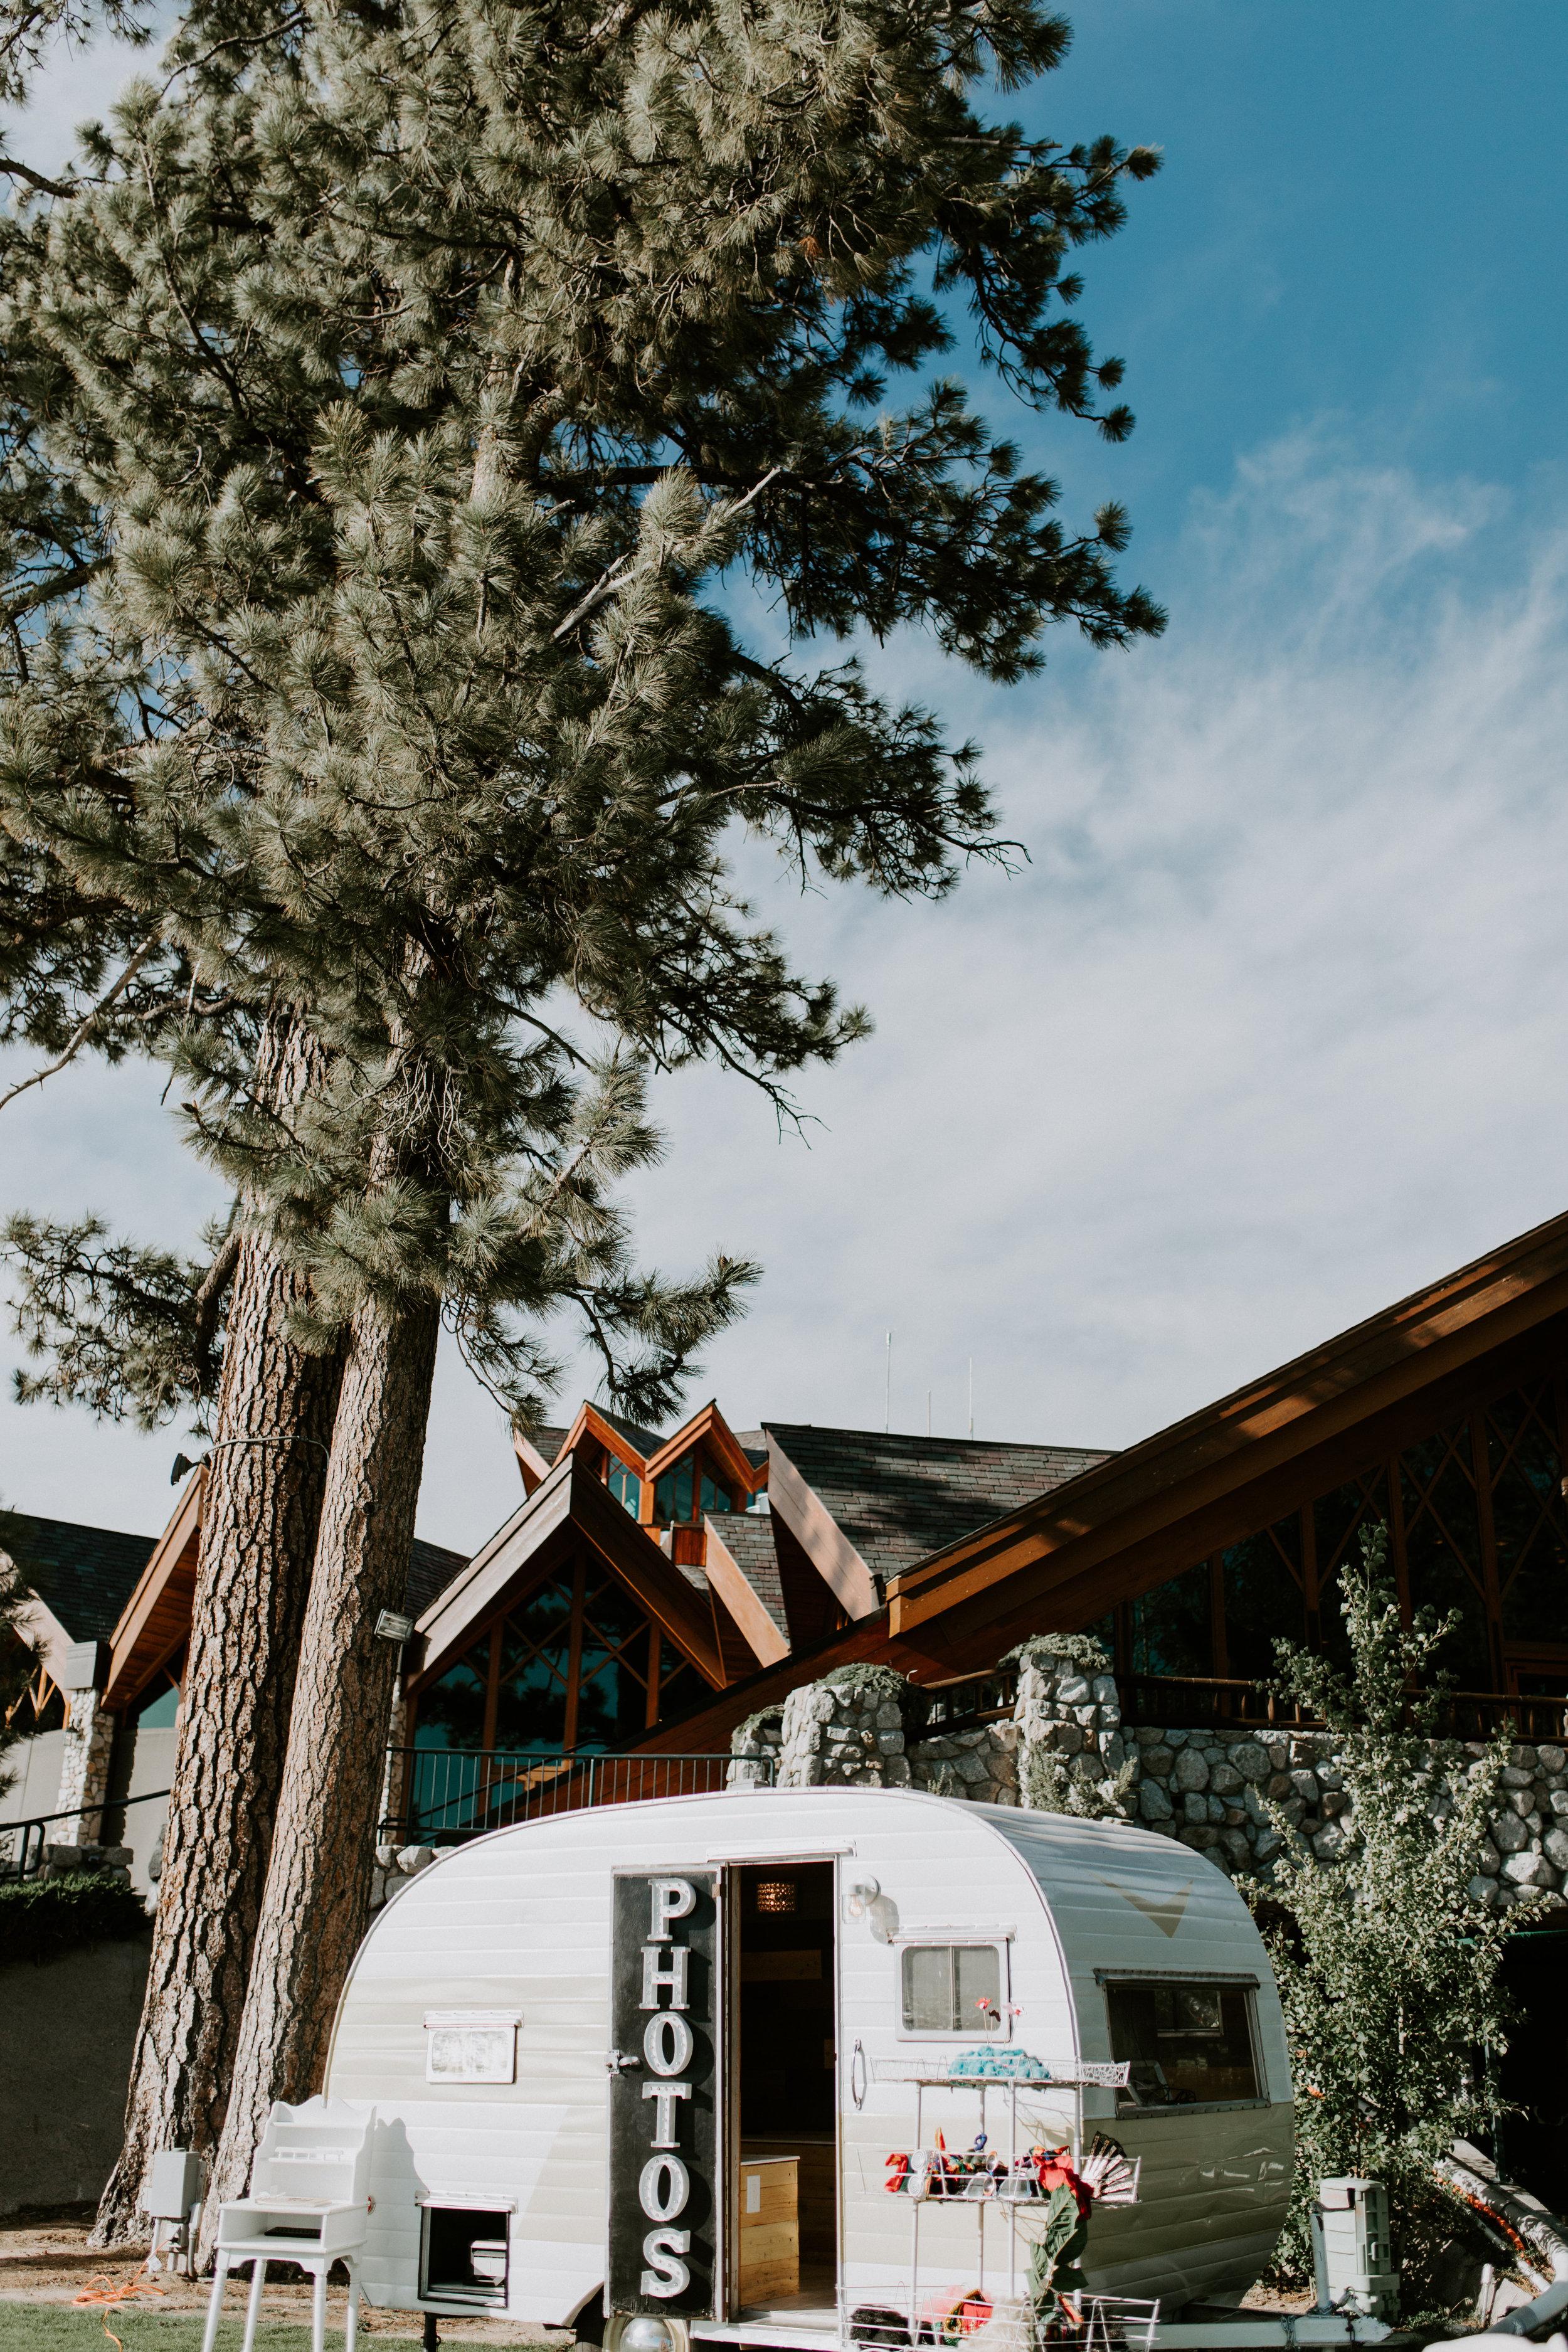 Vintage Camper Photo Booth - Tahoe Wedding